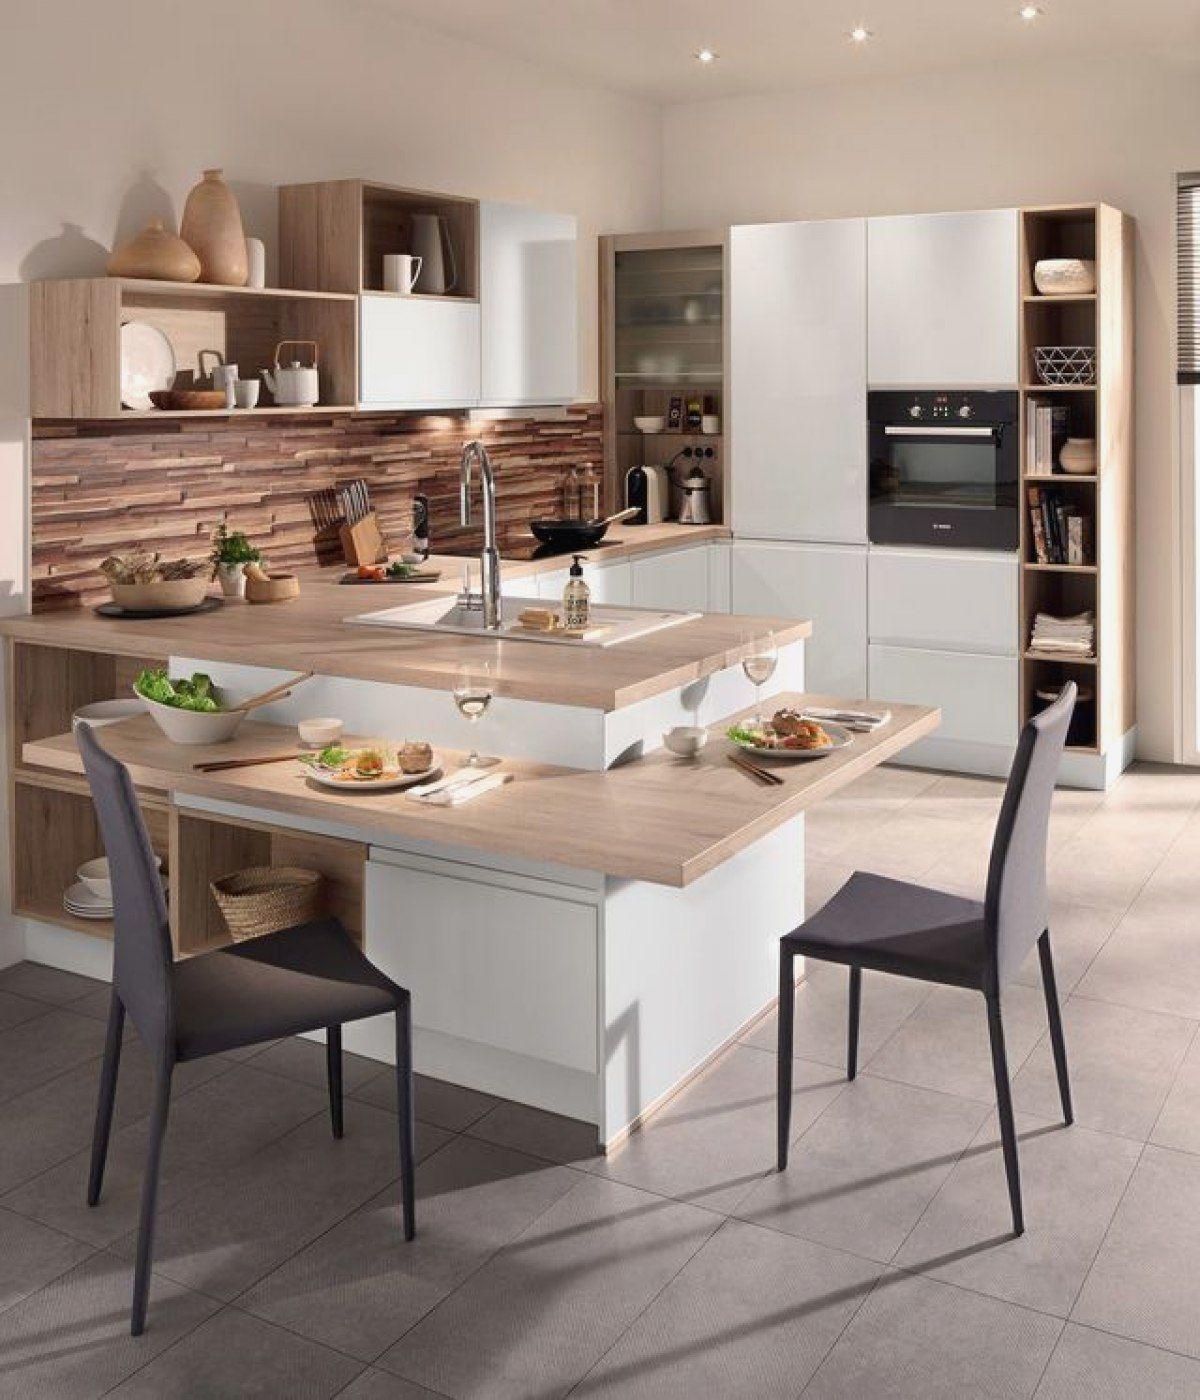 Cuisine Moderne Avec Ilot Central Fresh Cuisine Avec Lot Central Des Mod Les De Cu Decorazione Cucina Arredo Interni Cucina Progettazione Di Una Cucina Moderna